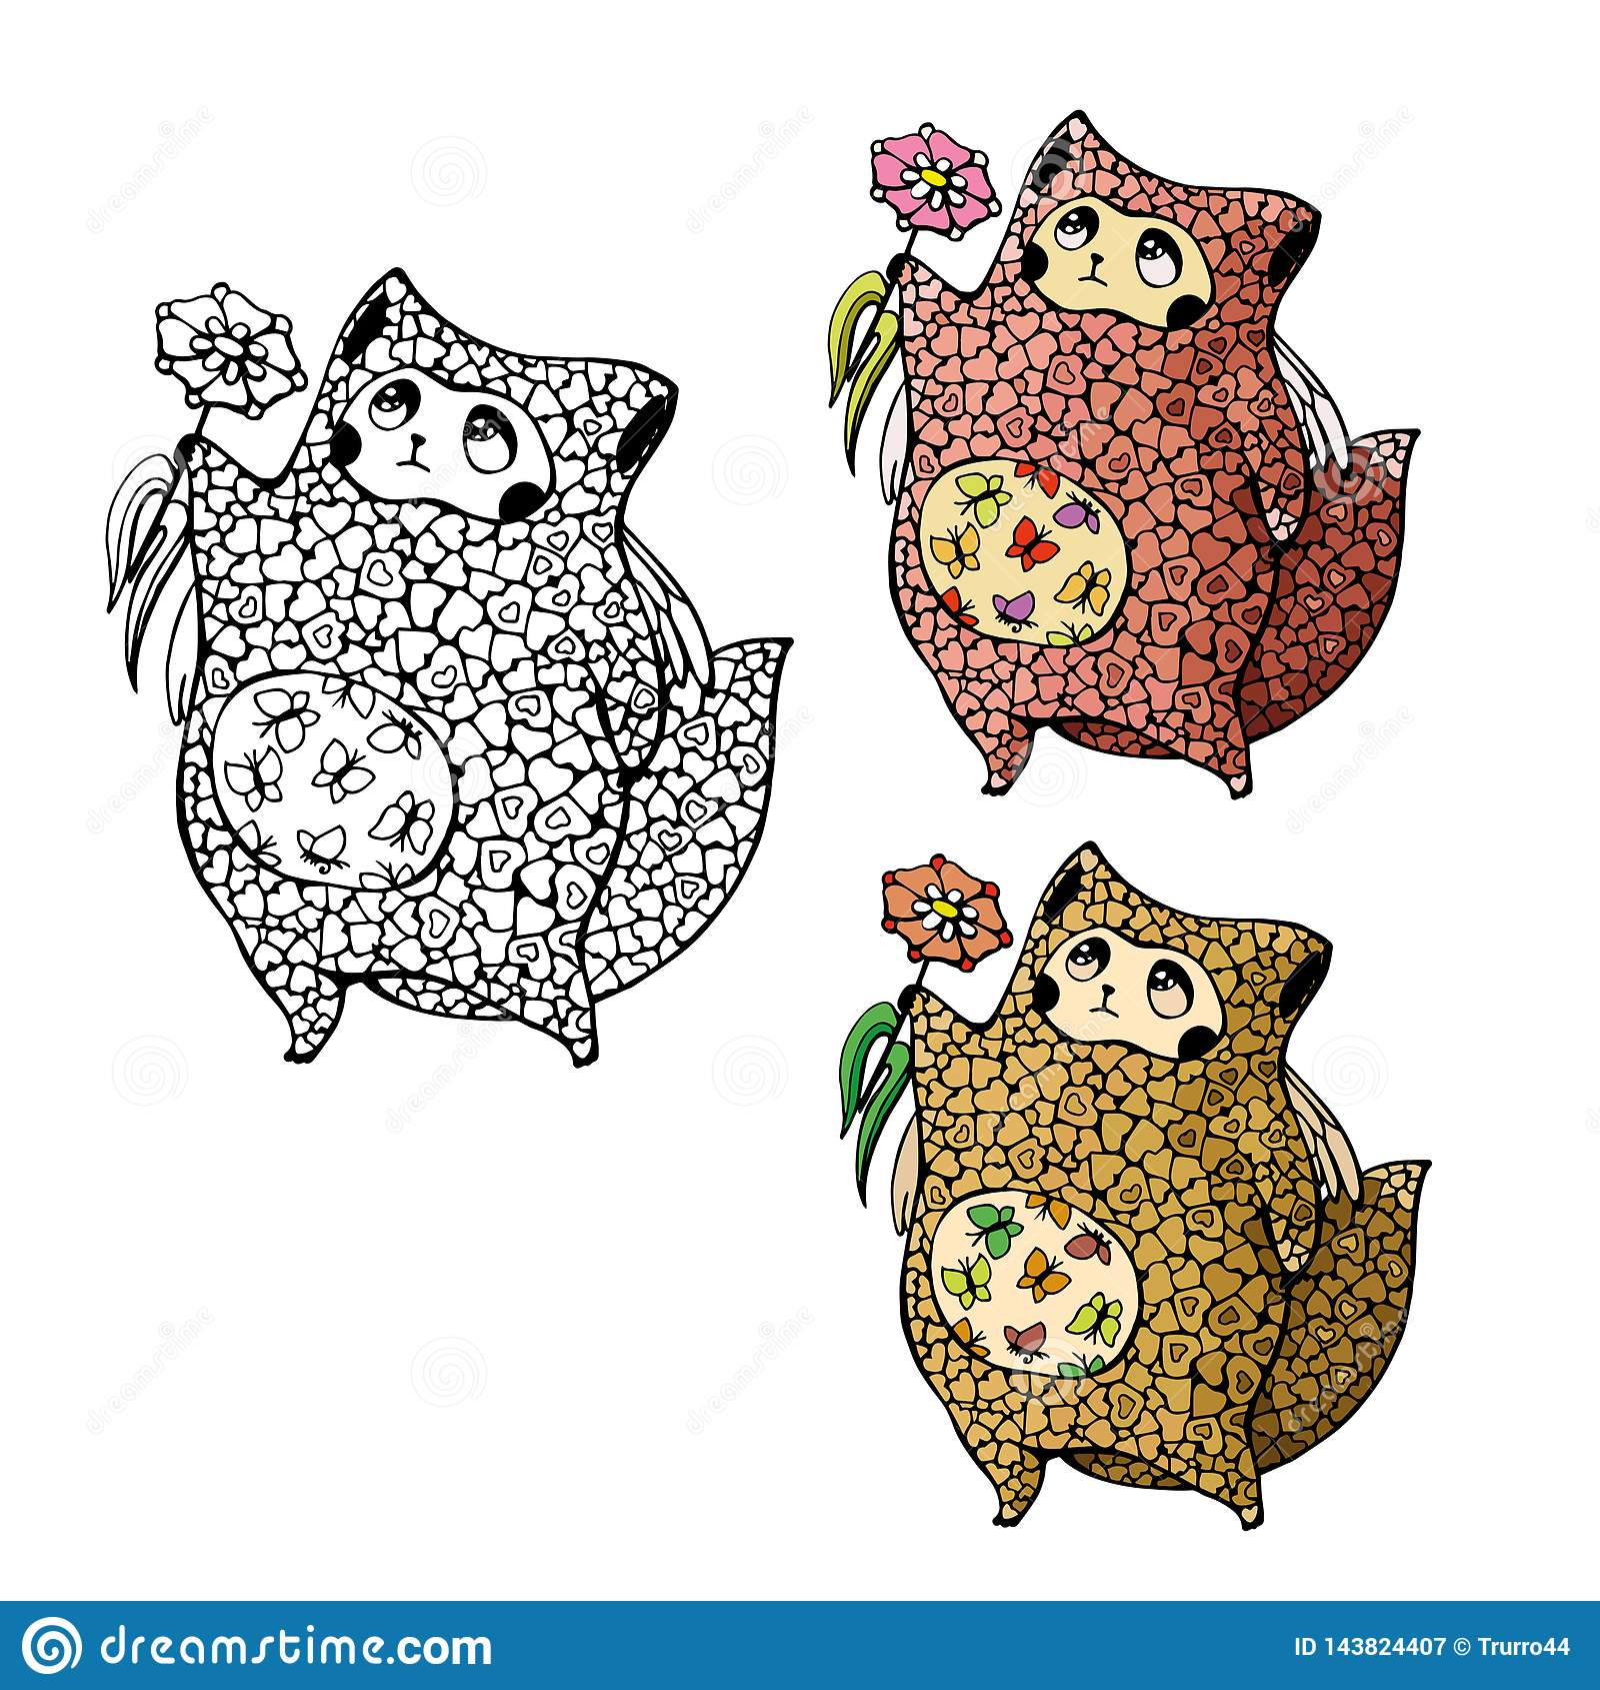 Η χαριτωμένη αυξομειούμενη γάτα με τις πεταλούδες στο στομάχι της δίνει ένα λουλούδι